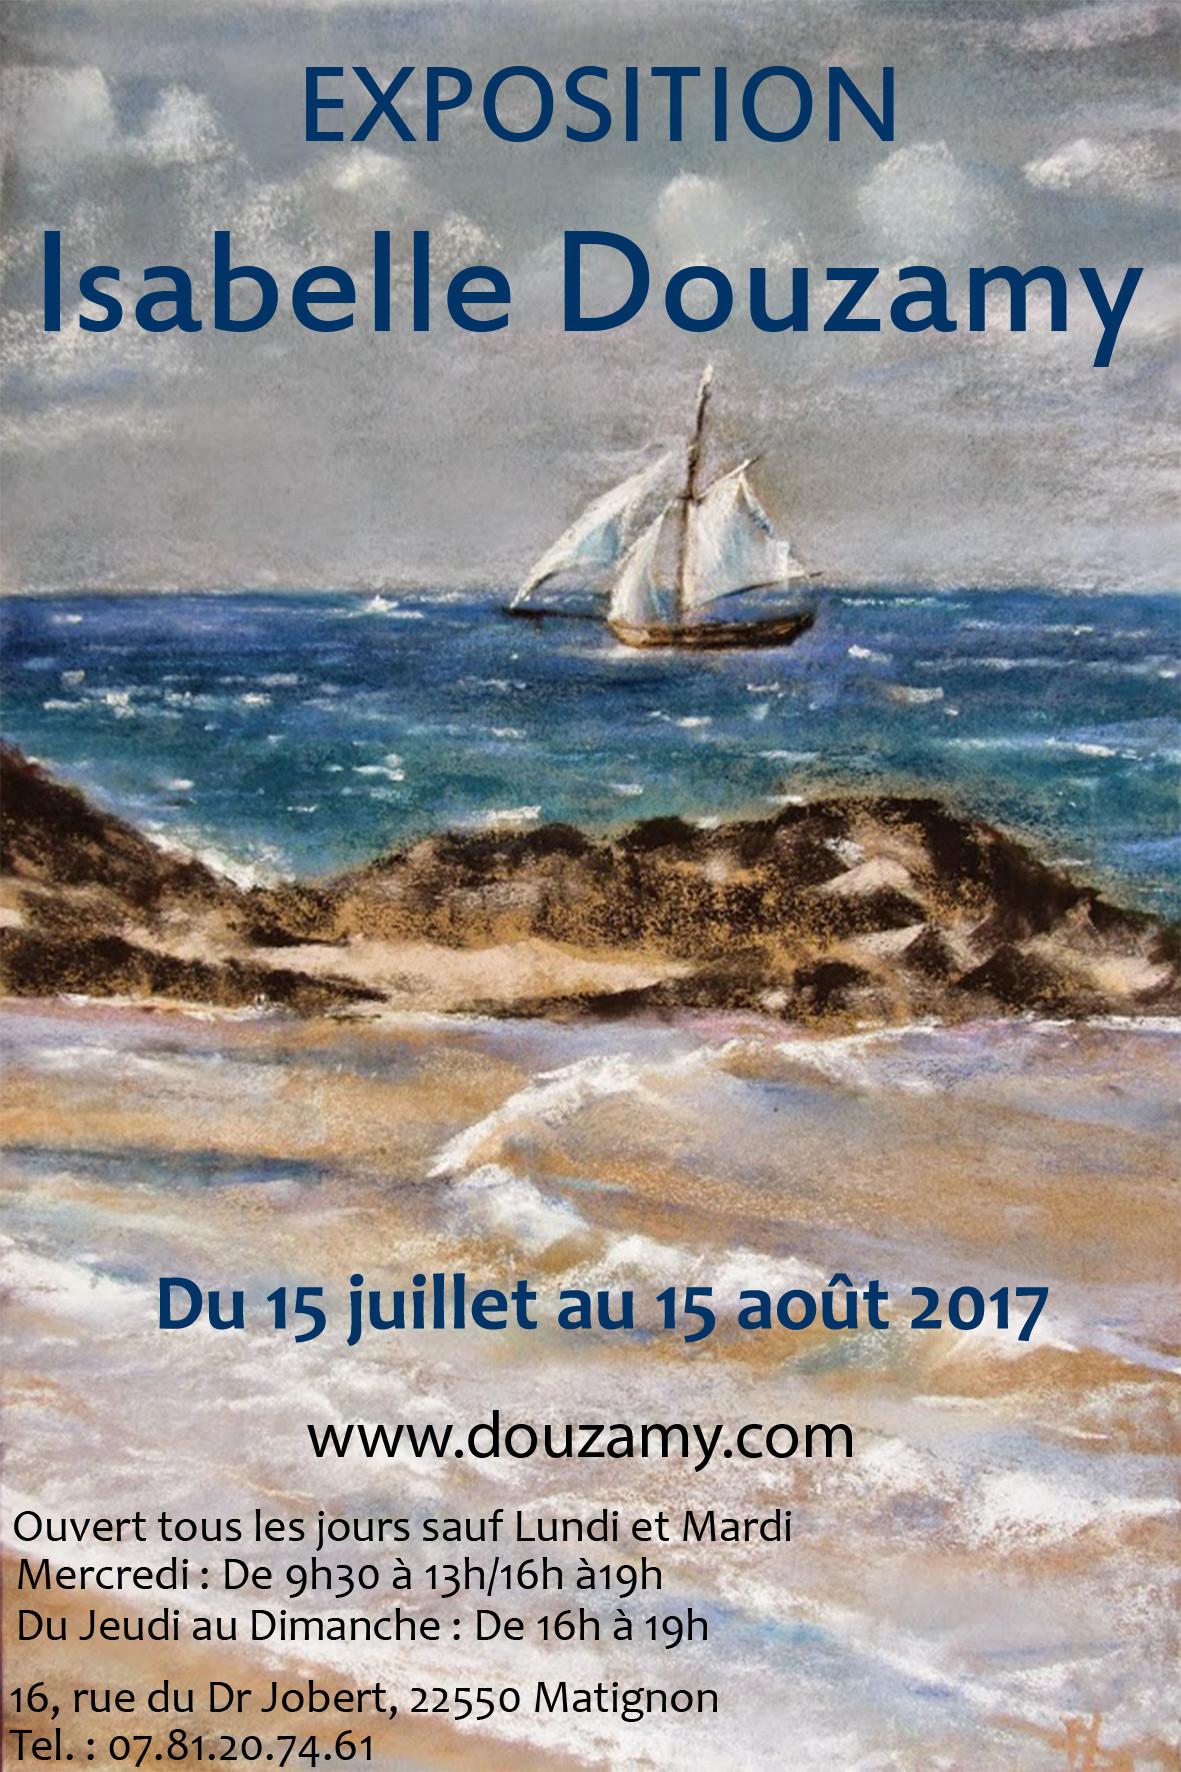 Exposition Pastel sec par Isabelle Douzamy - Matignon